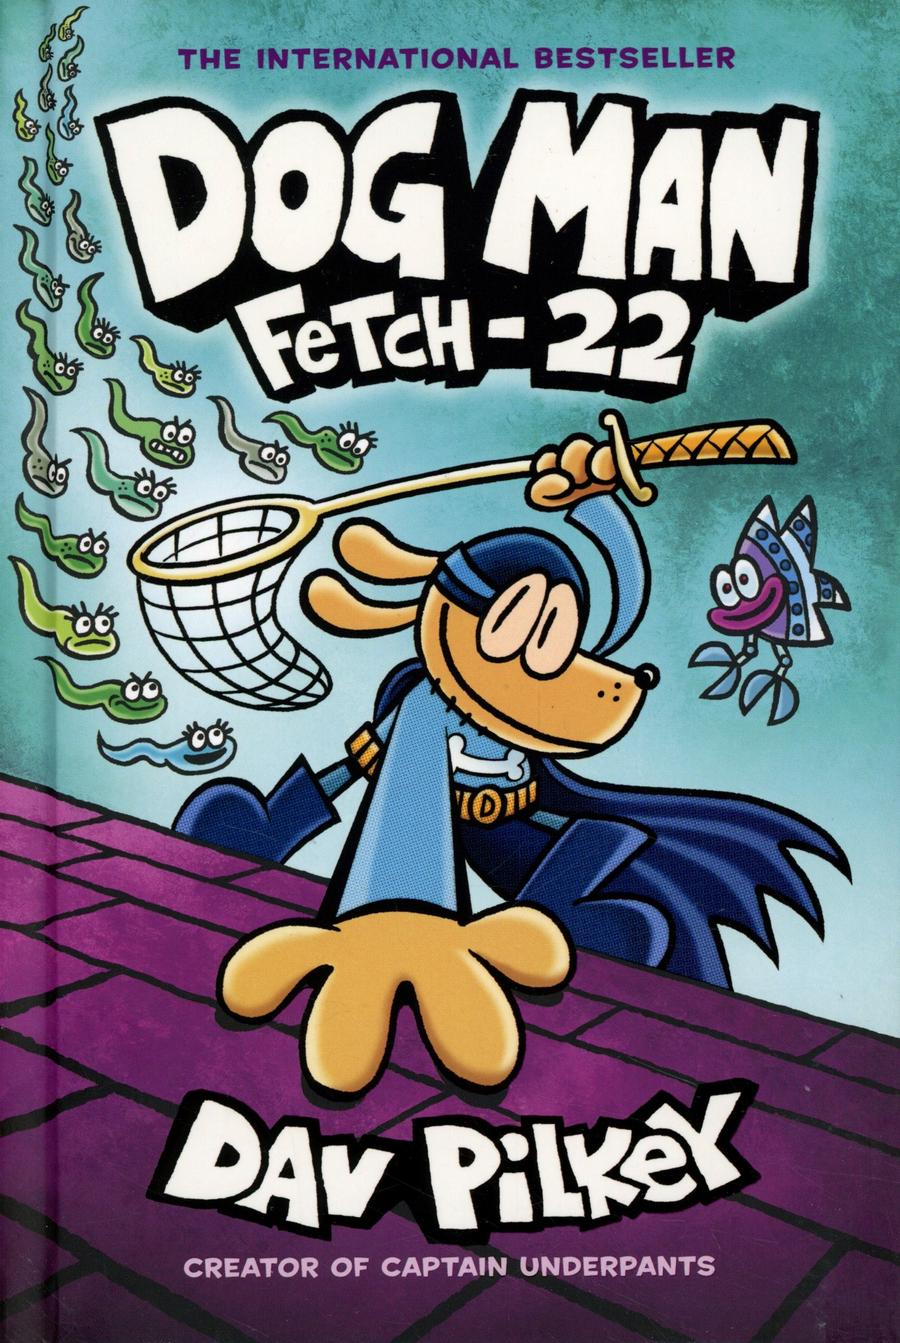 Dog Man Vol 8 Fetch-22 HC